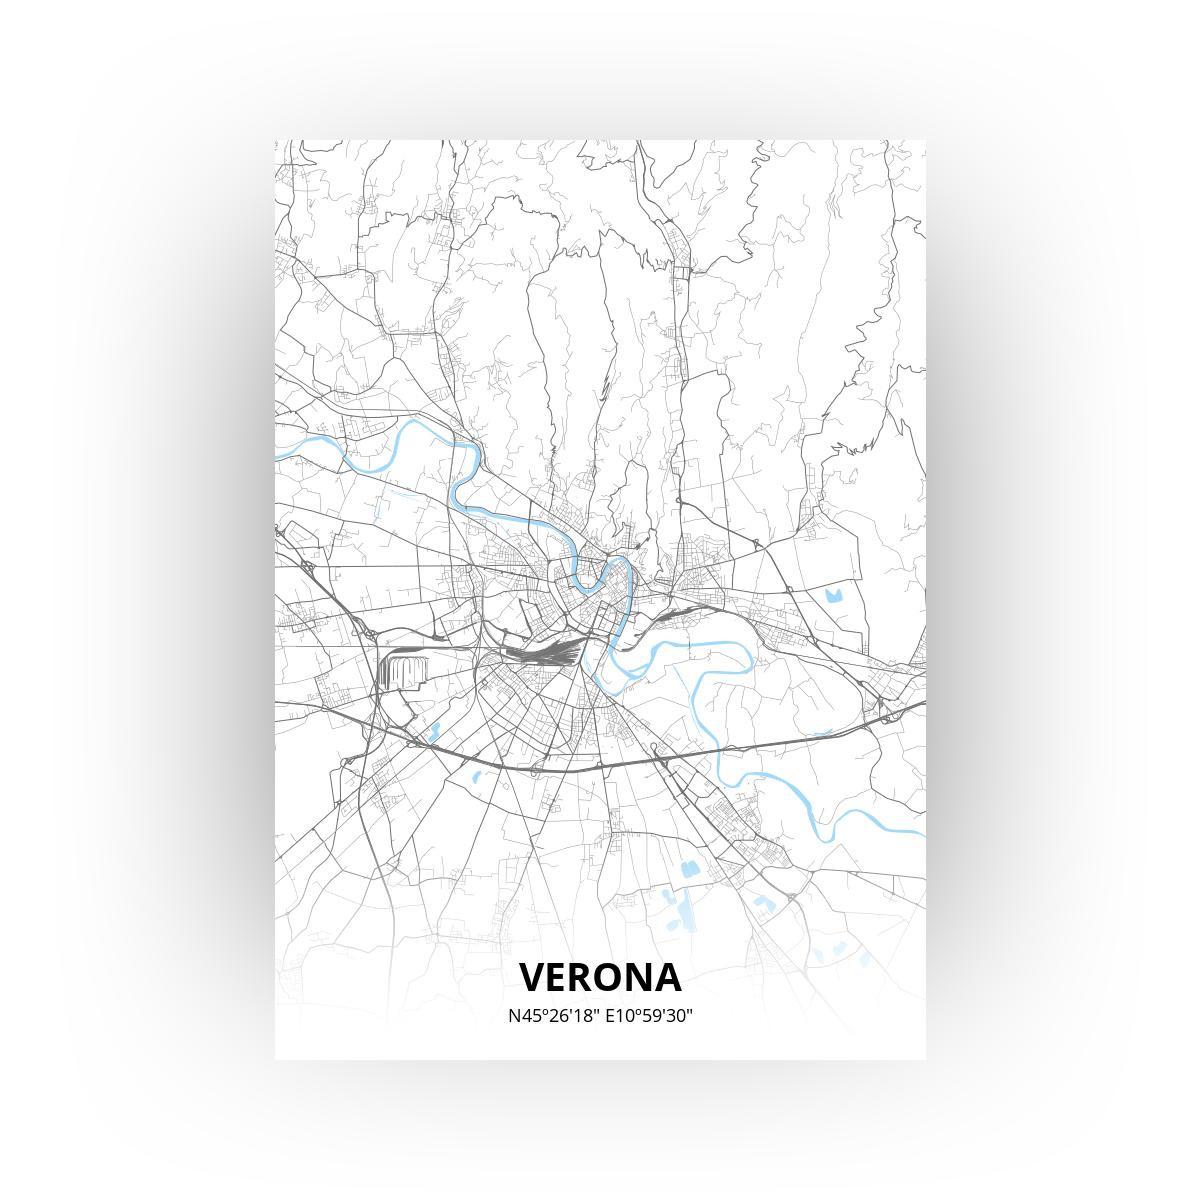 Verona poster - Zelf aan te passen!